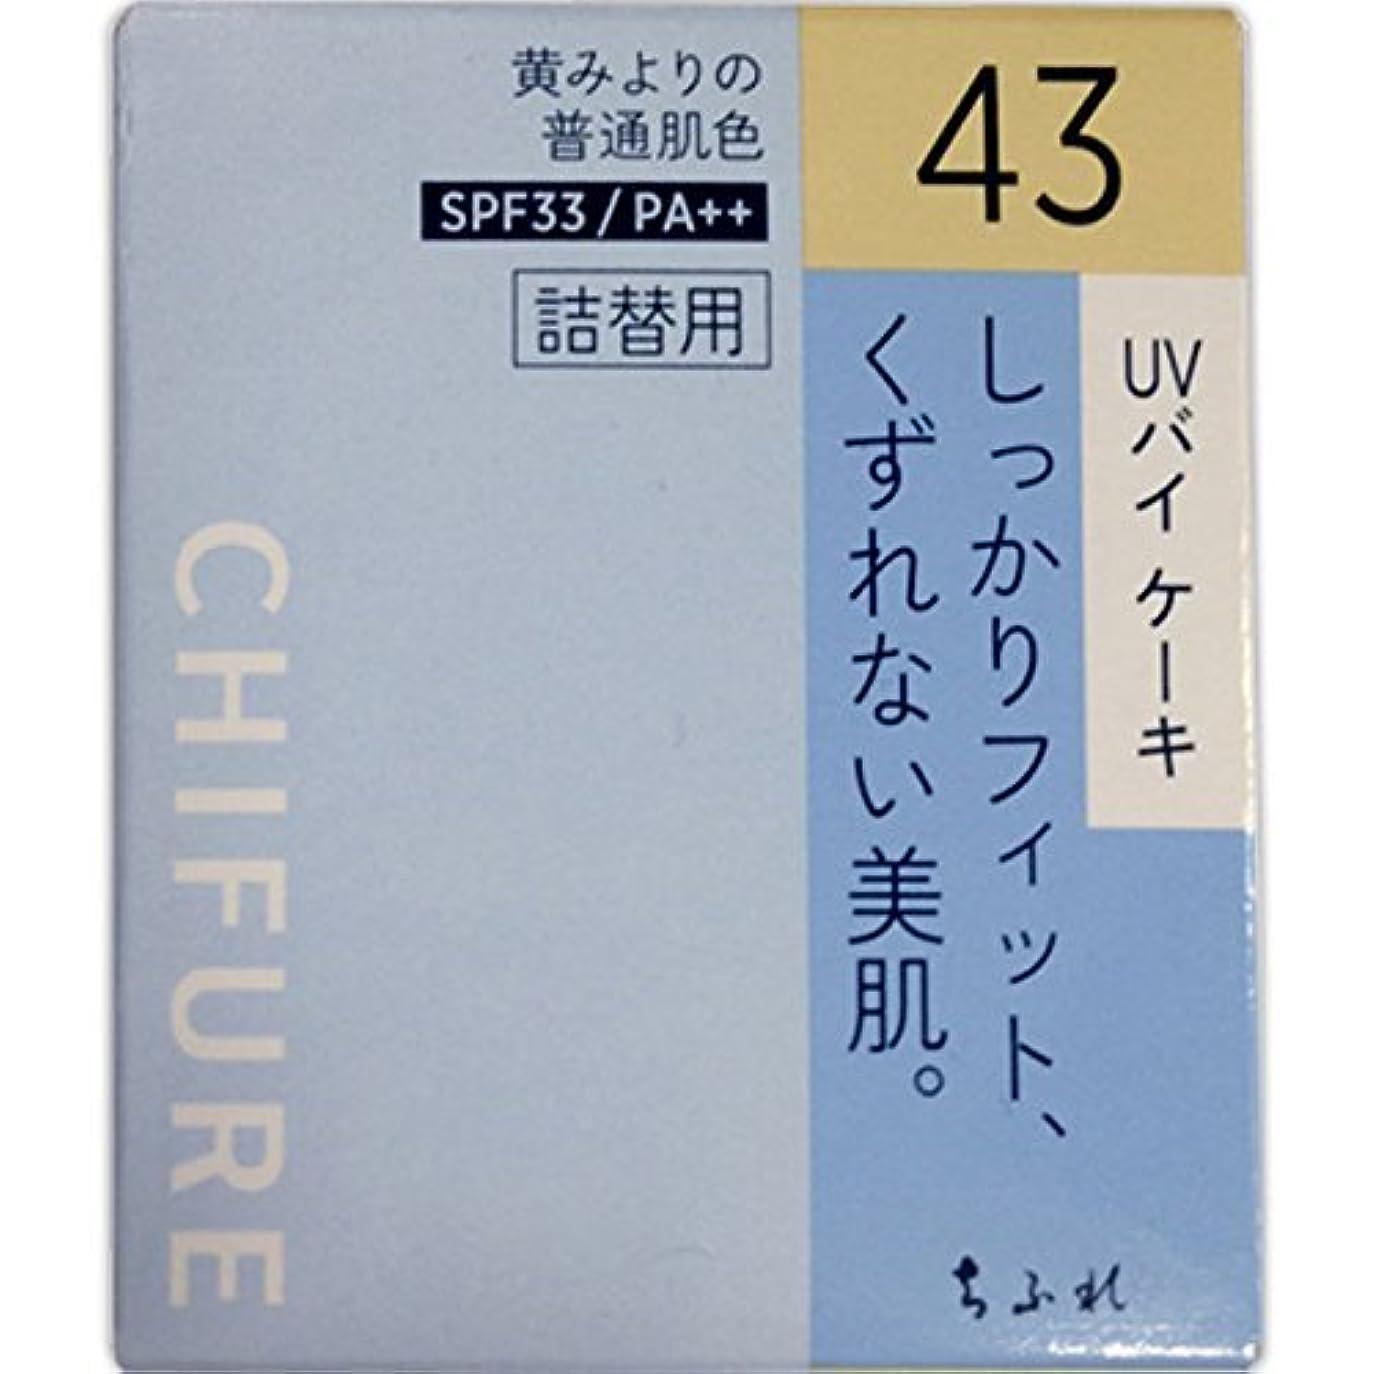 空洞ジョグノートちふれ化粧品 UV バイ ケーキ 詰替用 43 黄みよりの普通肌色 43